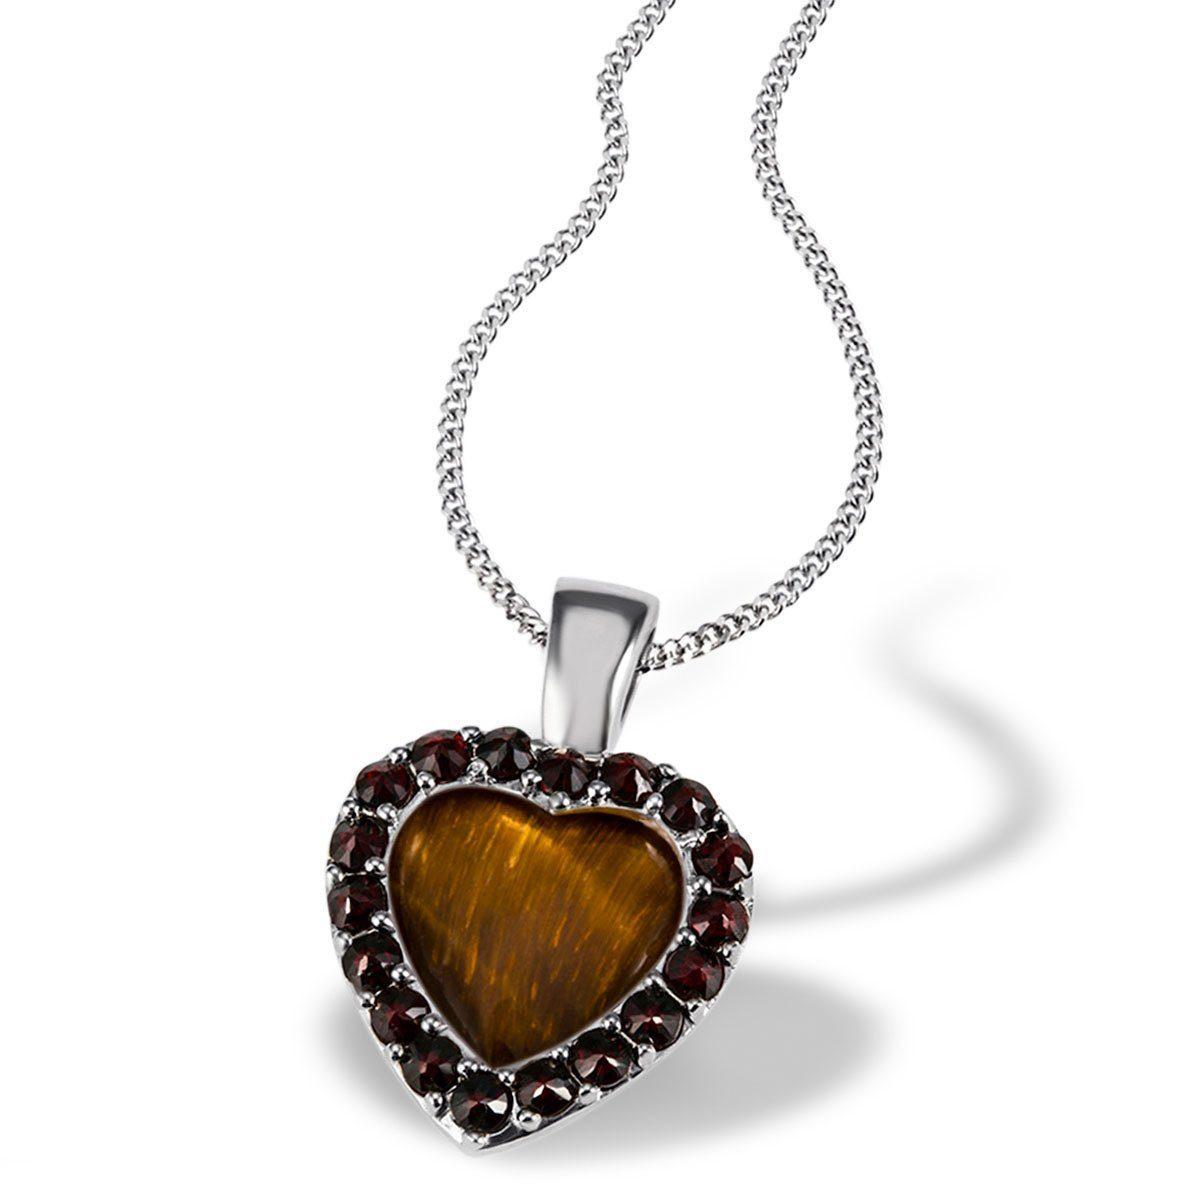 Averdin Collier 925/- Silber Herz mit 18 Granaten rot-braun und 1Tigerau